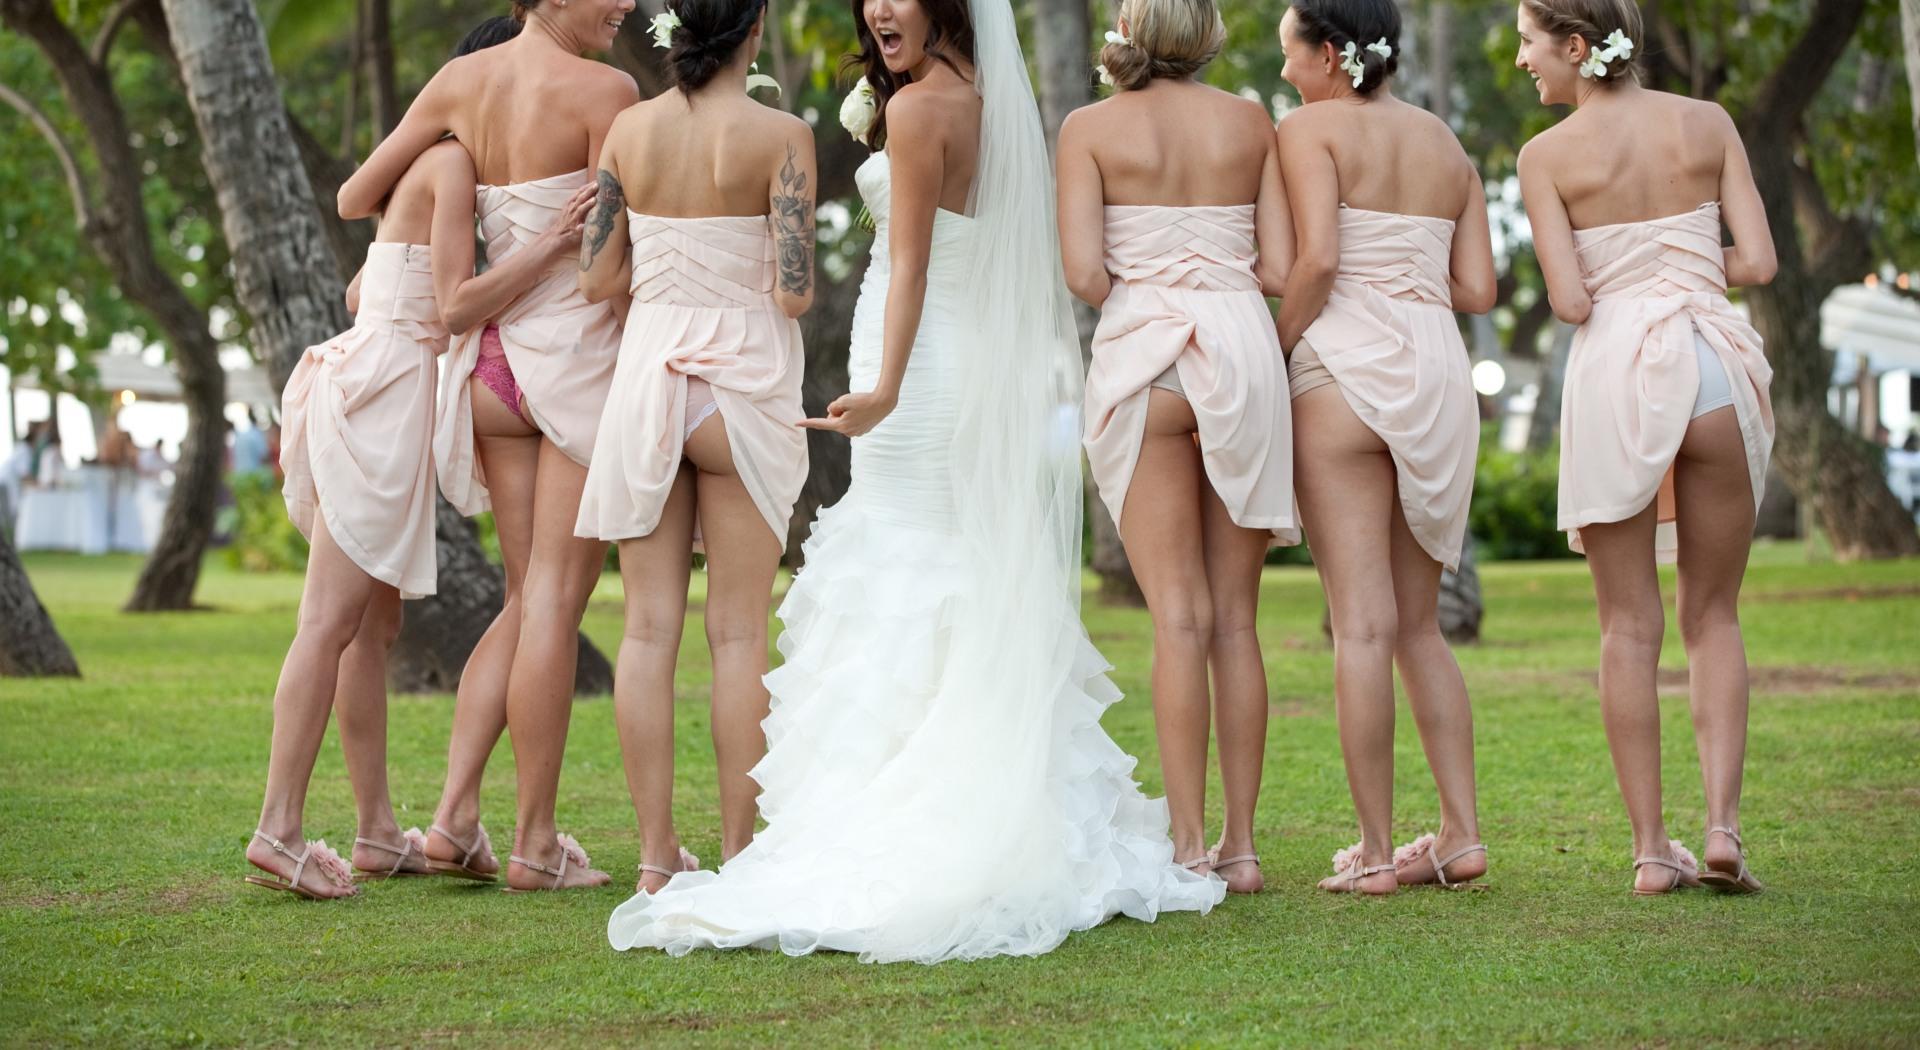 Эро фото подружек невест со свадеб, скрытая камера на пляже порно видео